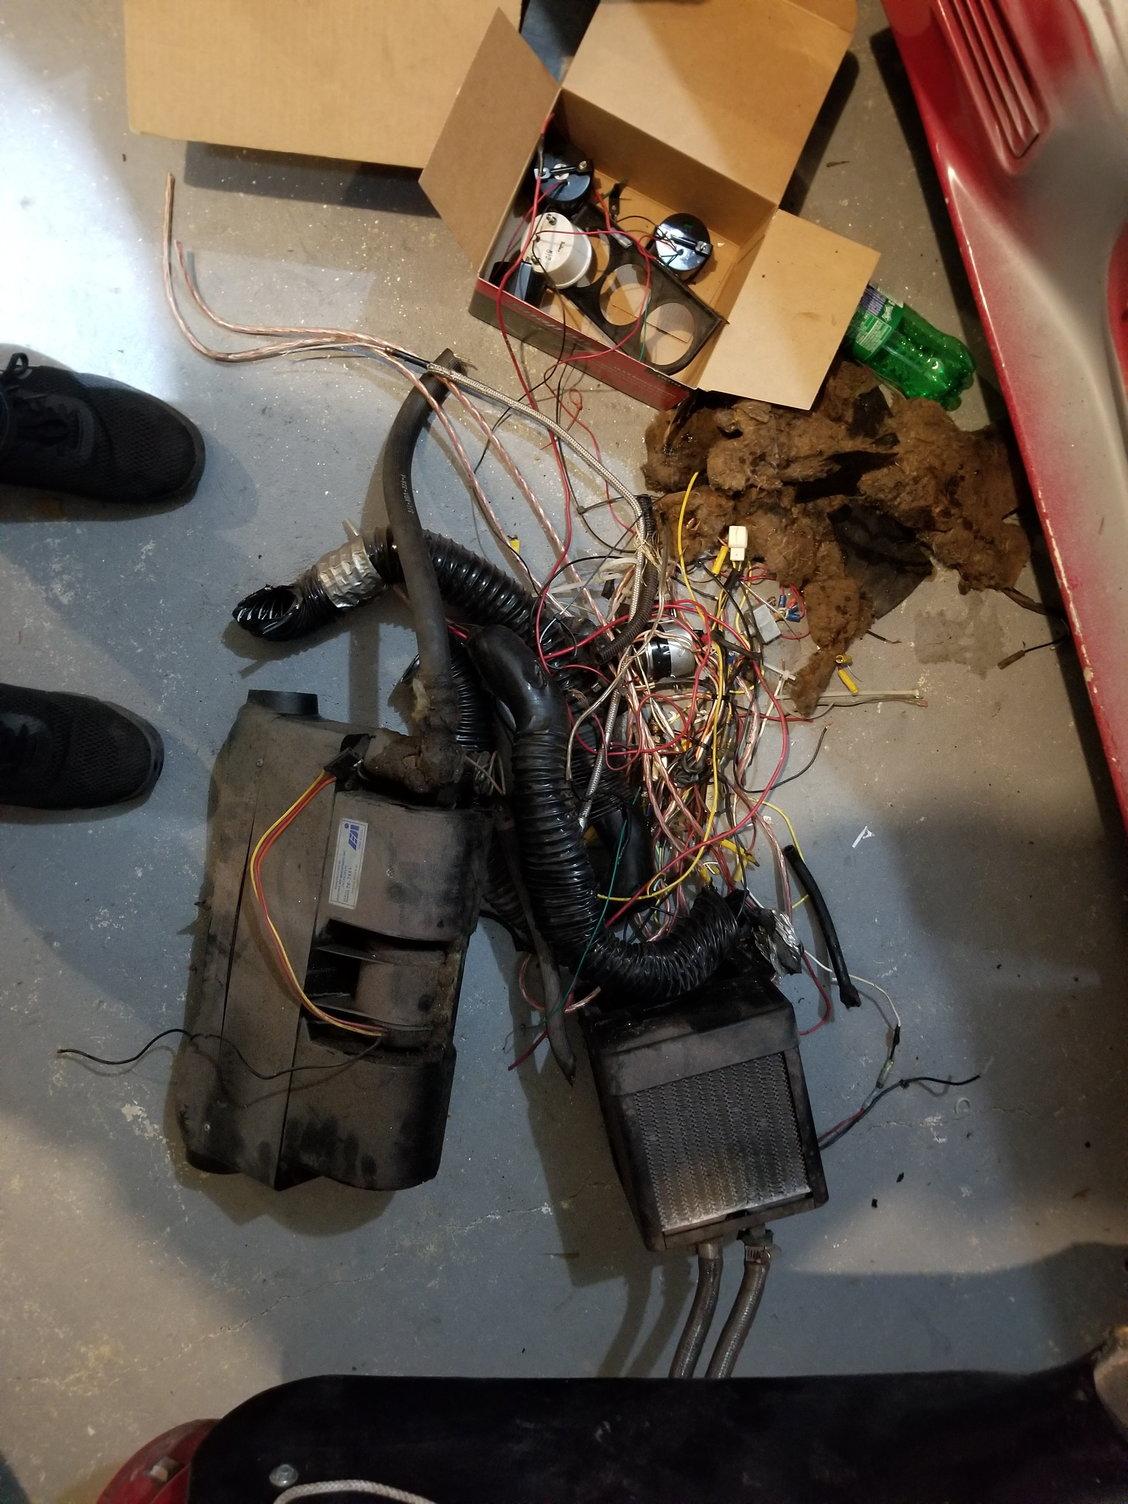 Phenomenal Wiring Mess Hondatech Wiring Diagram General Wiring Digital Resources Inamapmognl